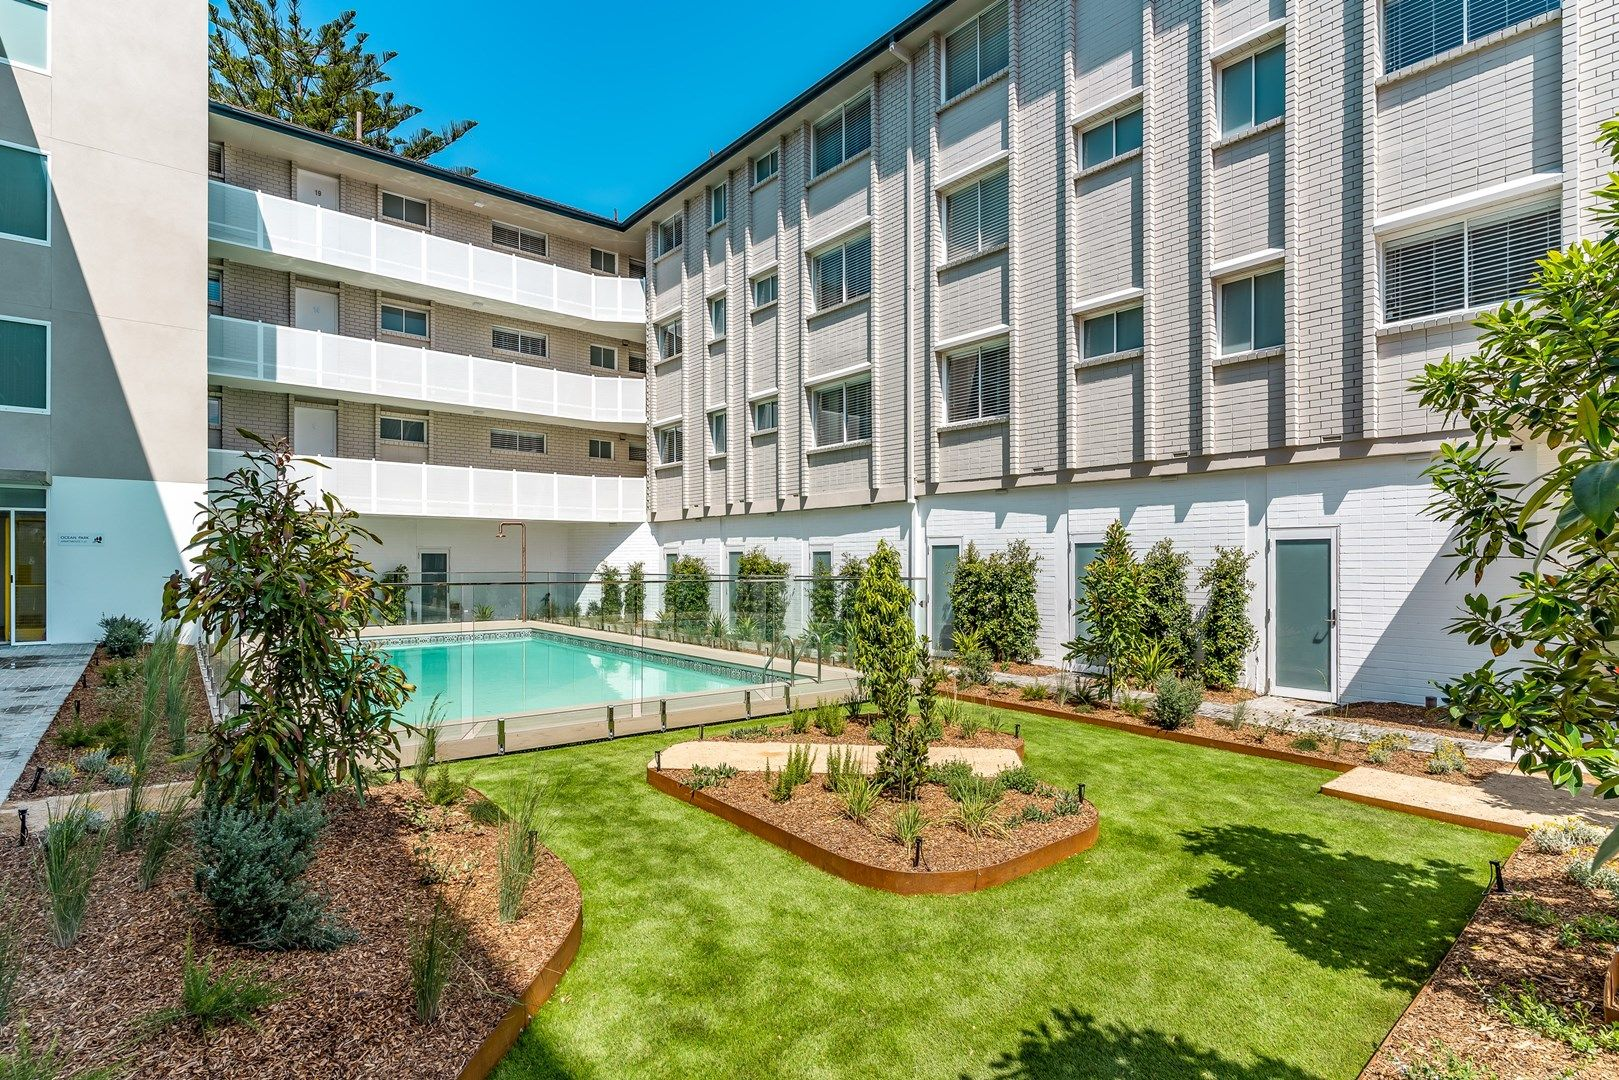 10 Henrietta Street, Waverley, NSW 2024, Image 0